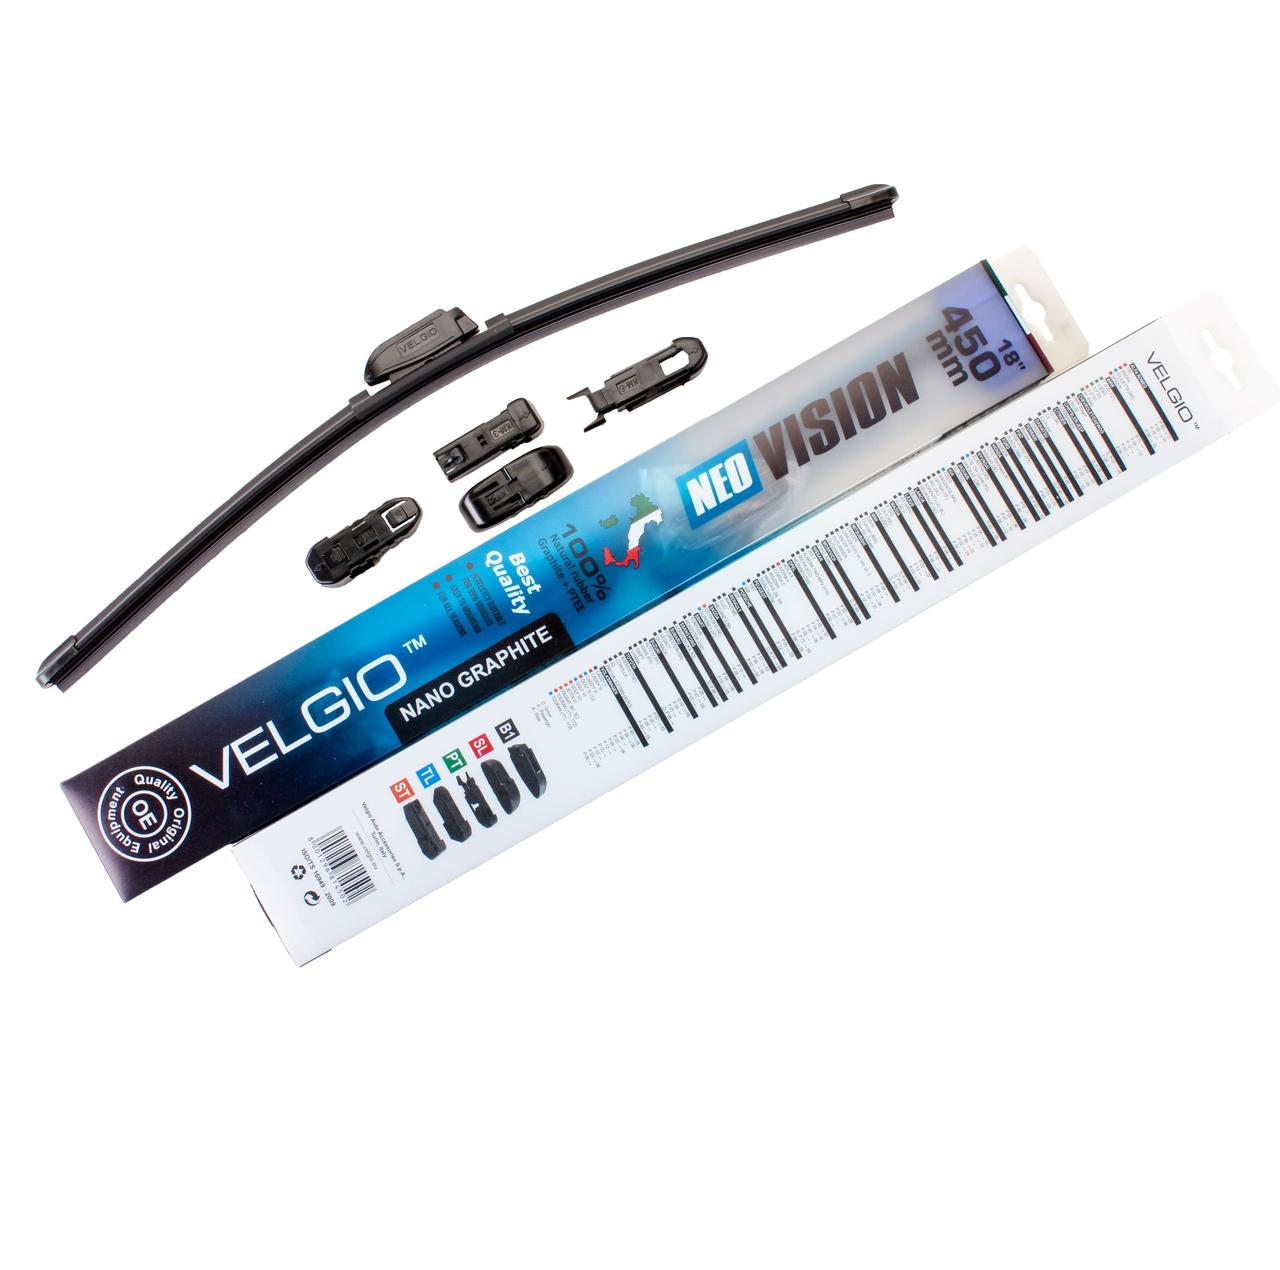 Дворники для авто Velgio Neo Vision 18in / 450мм